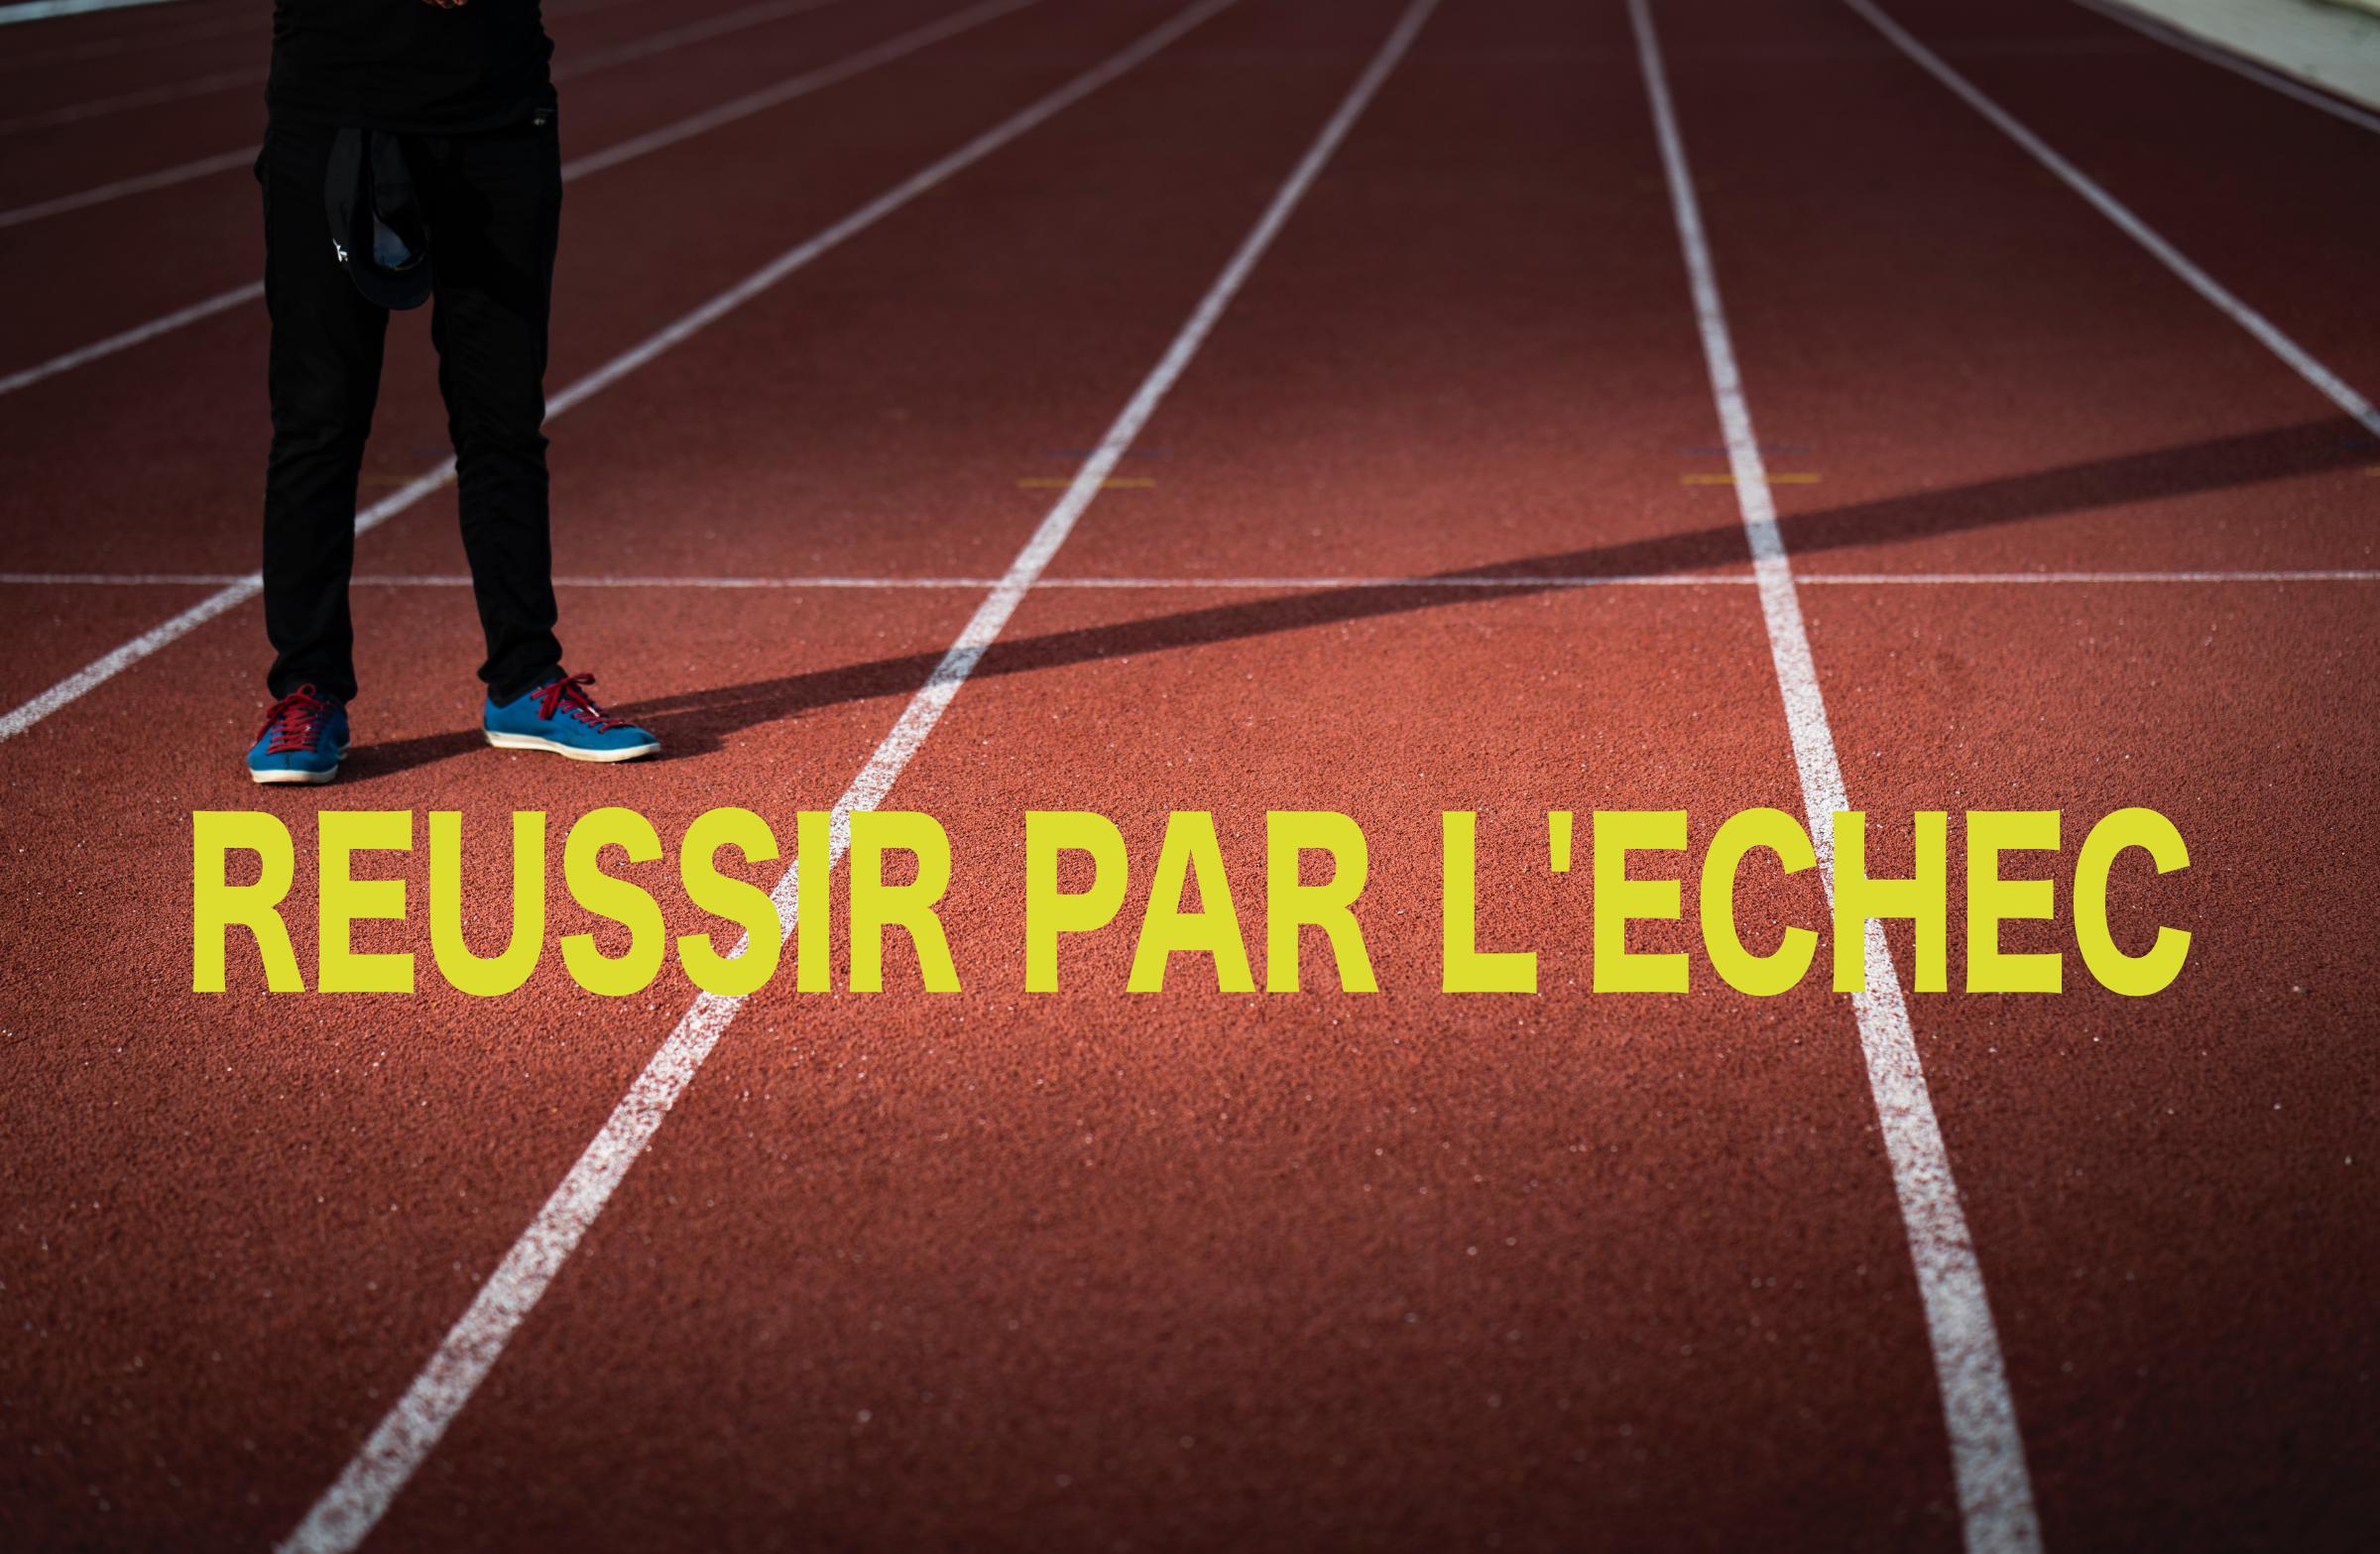 REUSSIR PAR L'ECHEC